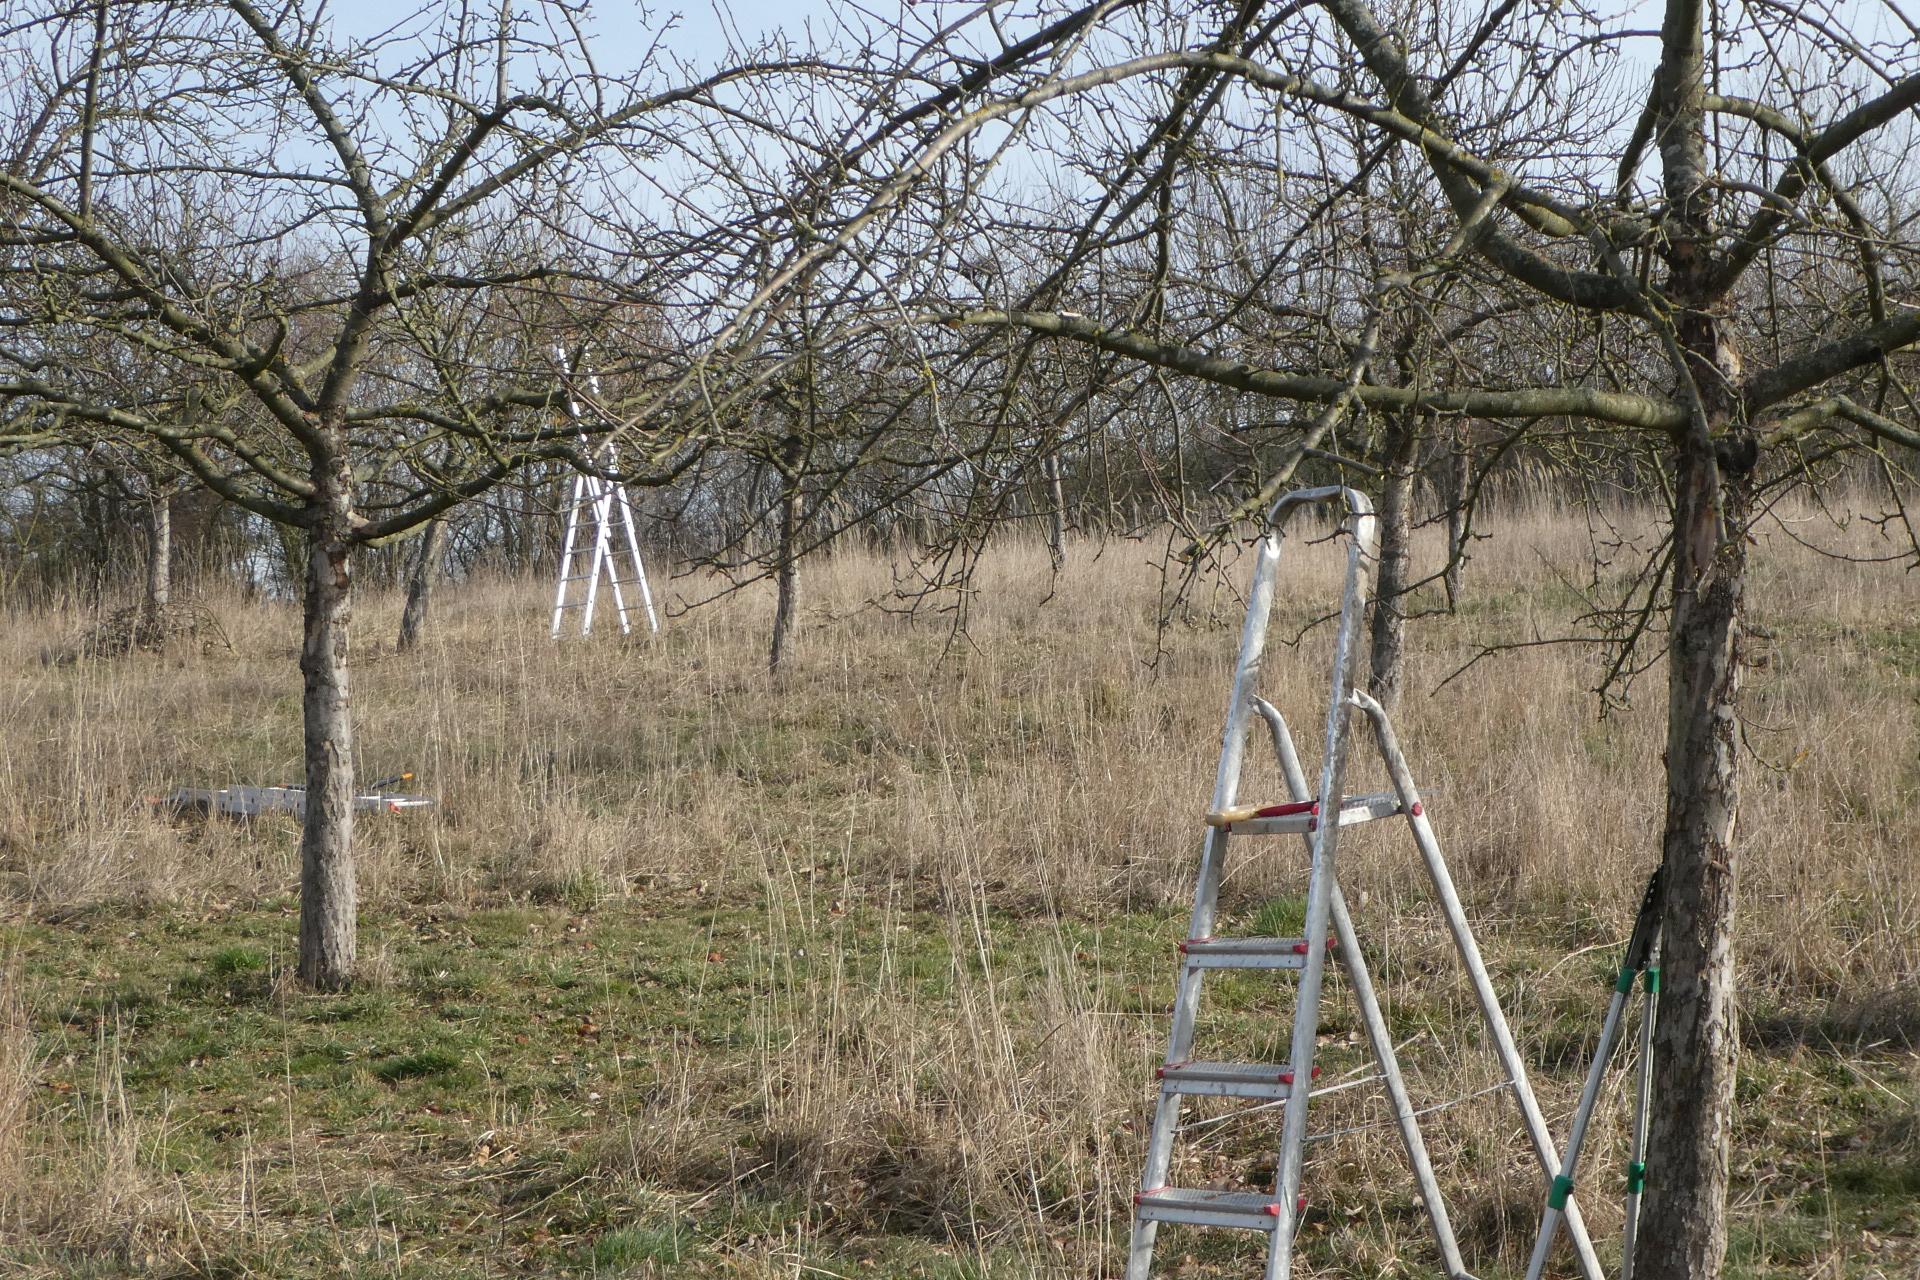 Obstbaumschnitt auf der Ausgleichsfläche